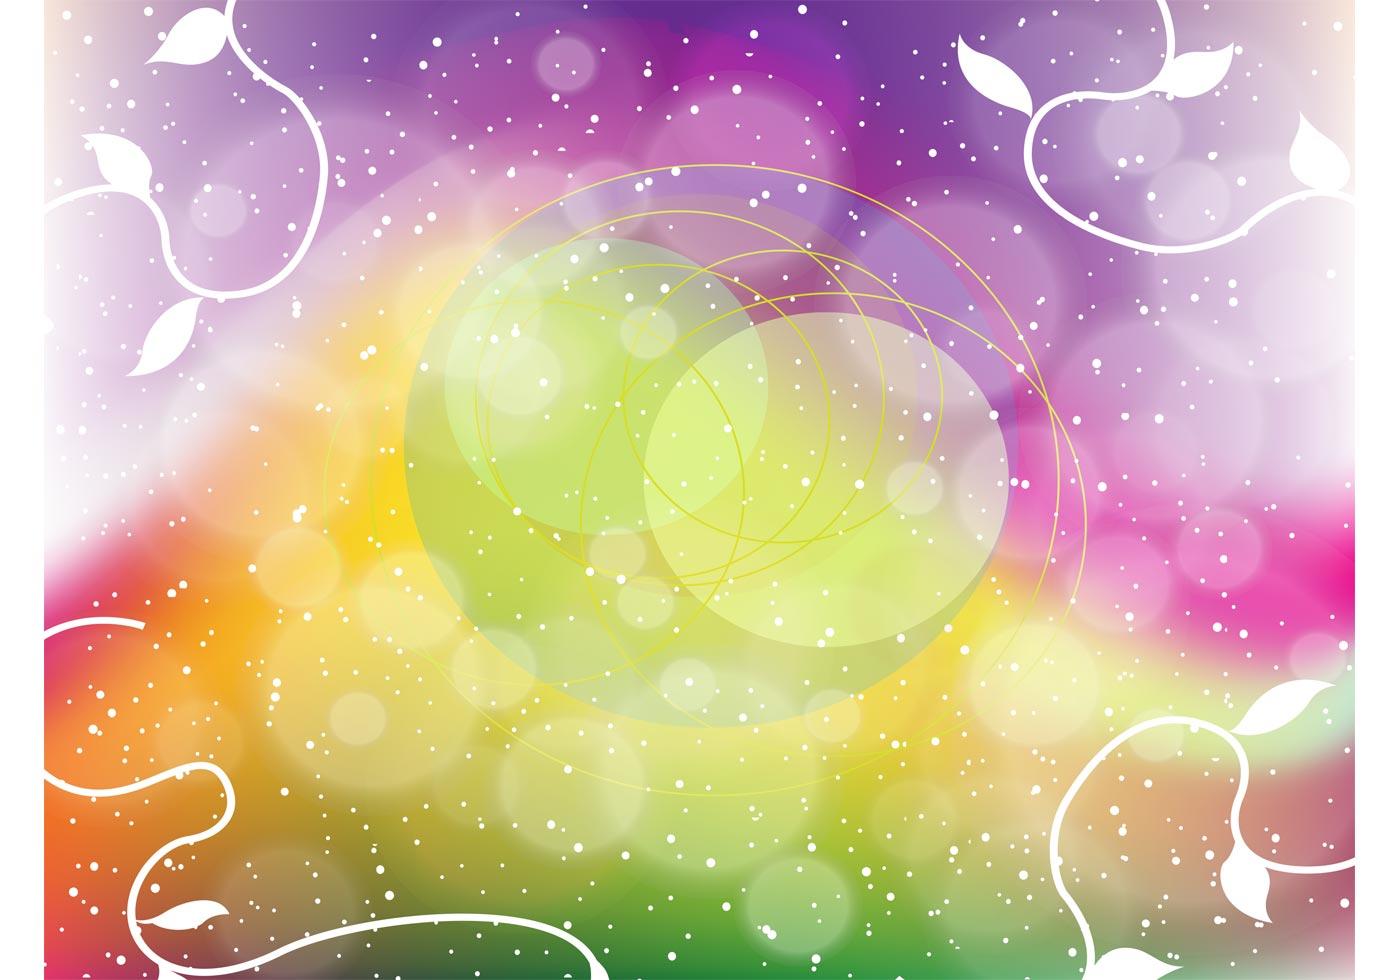 Rainbow Fantasy Vector Background Download Free Vector